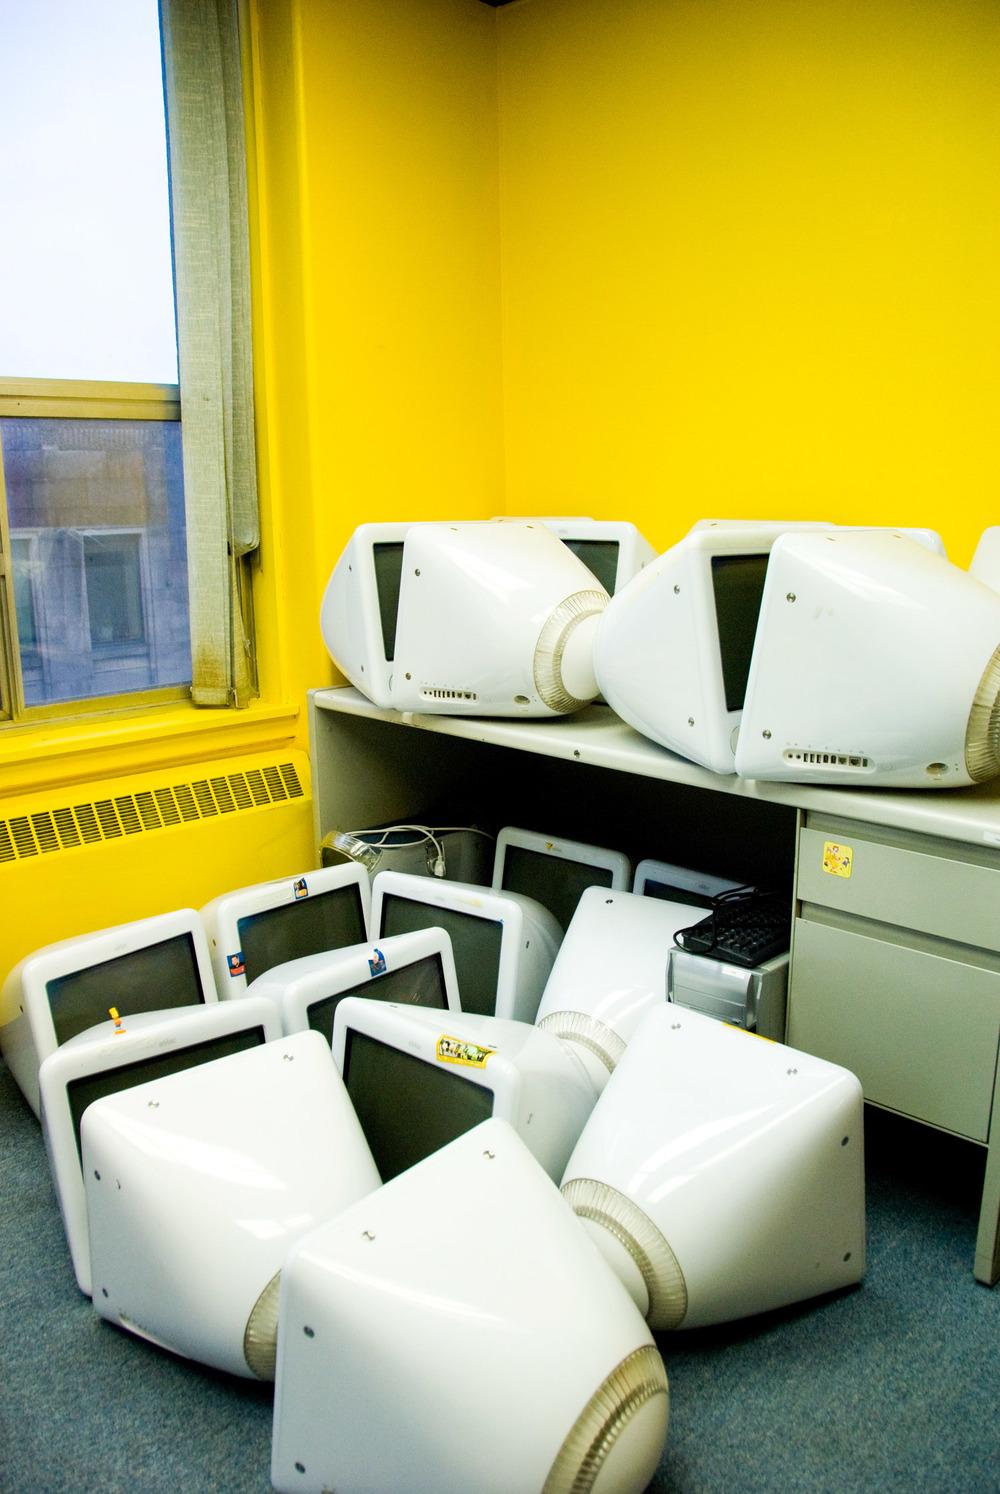 iMac Storage Room